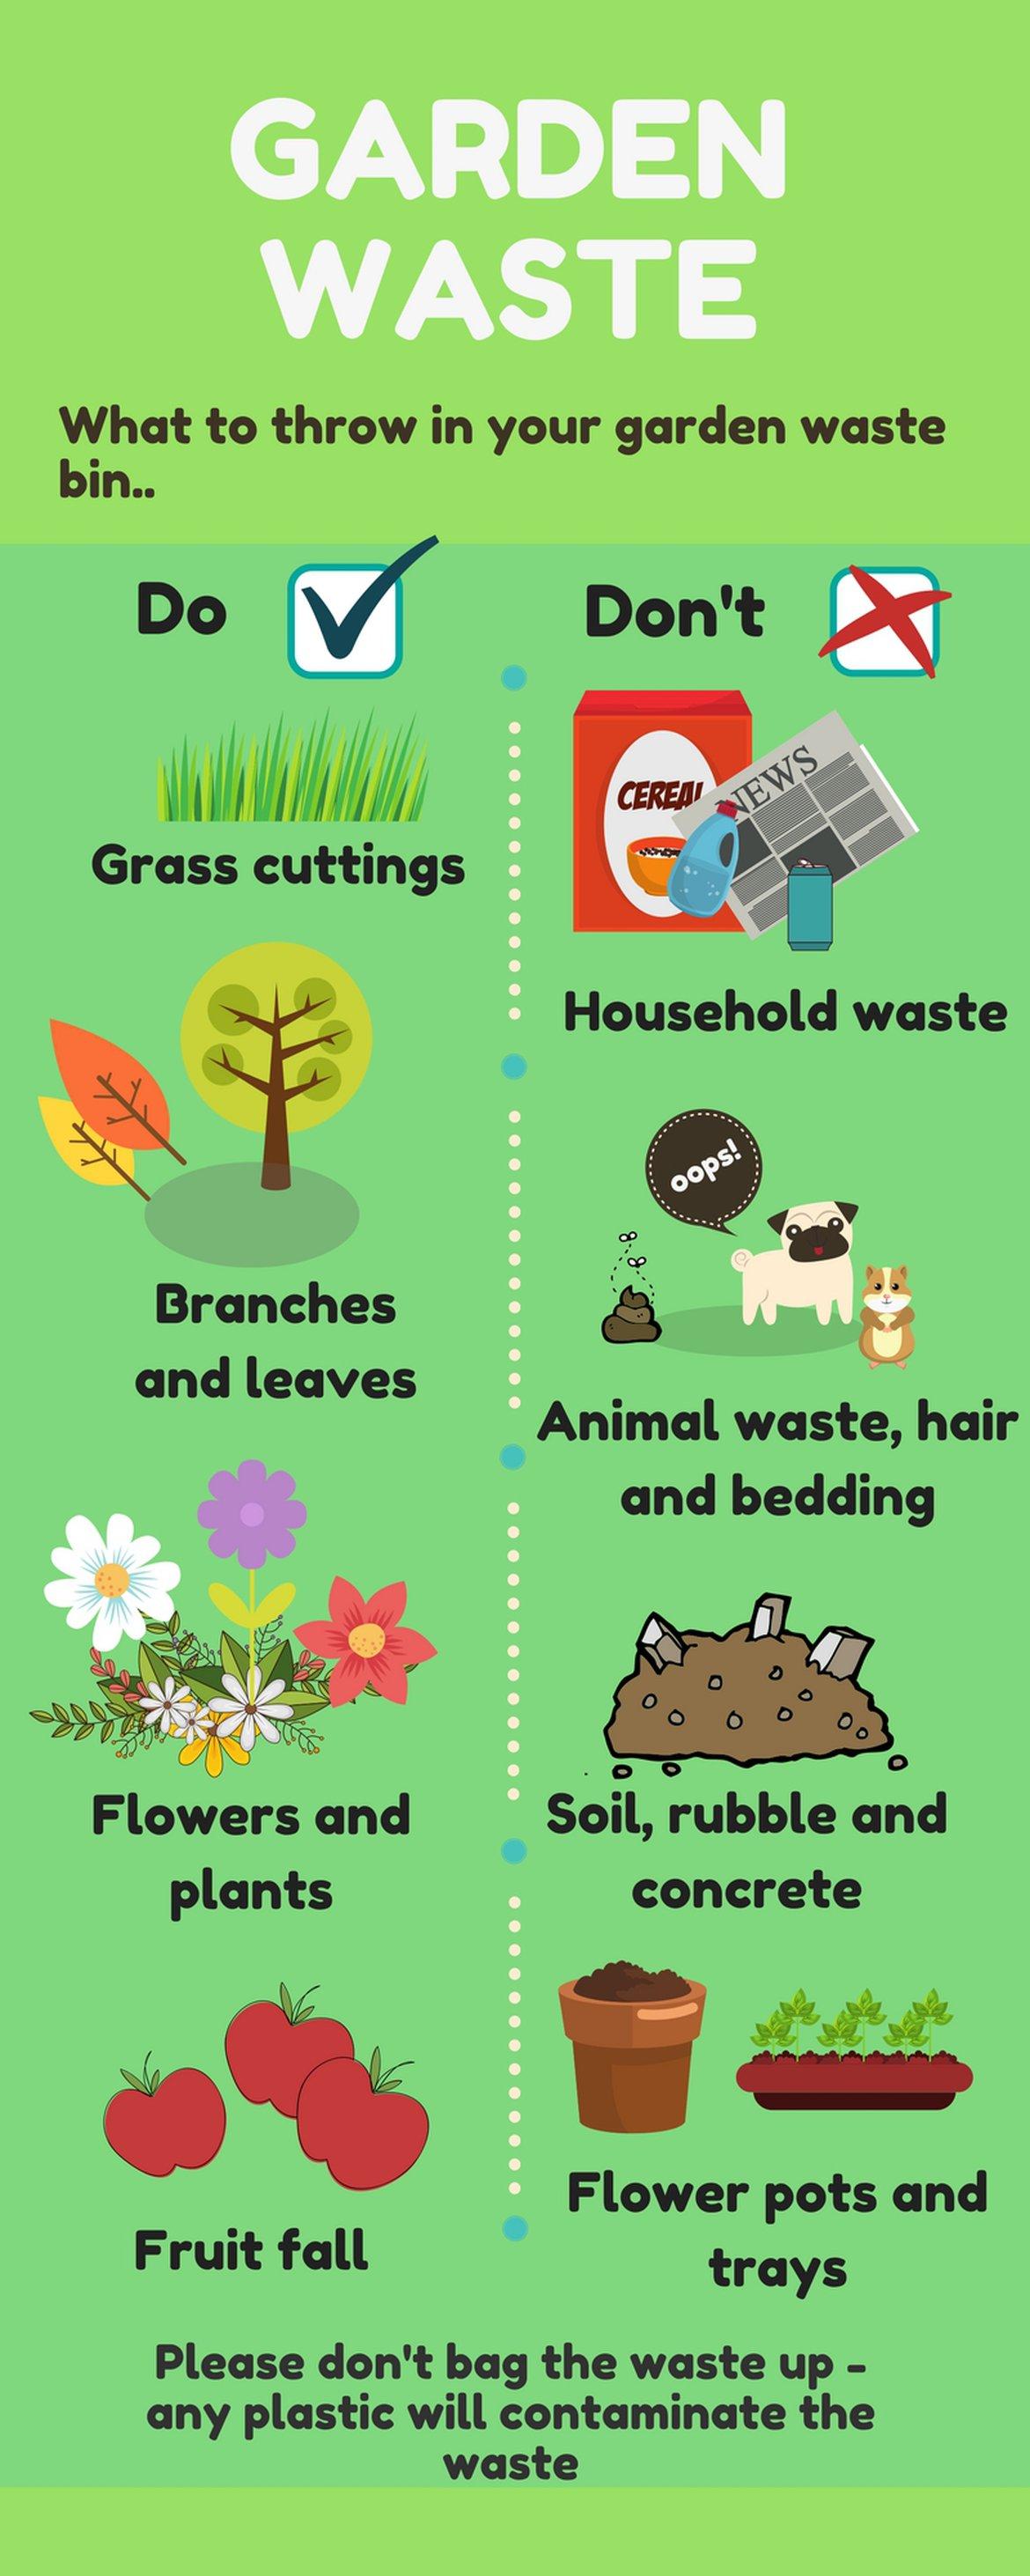 Garden waste infographic